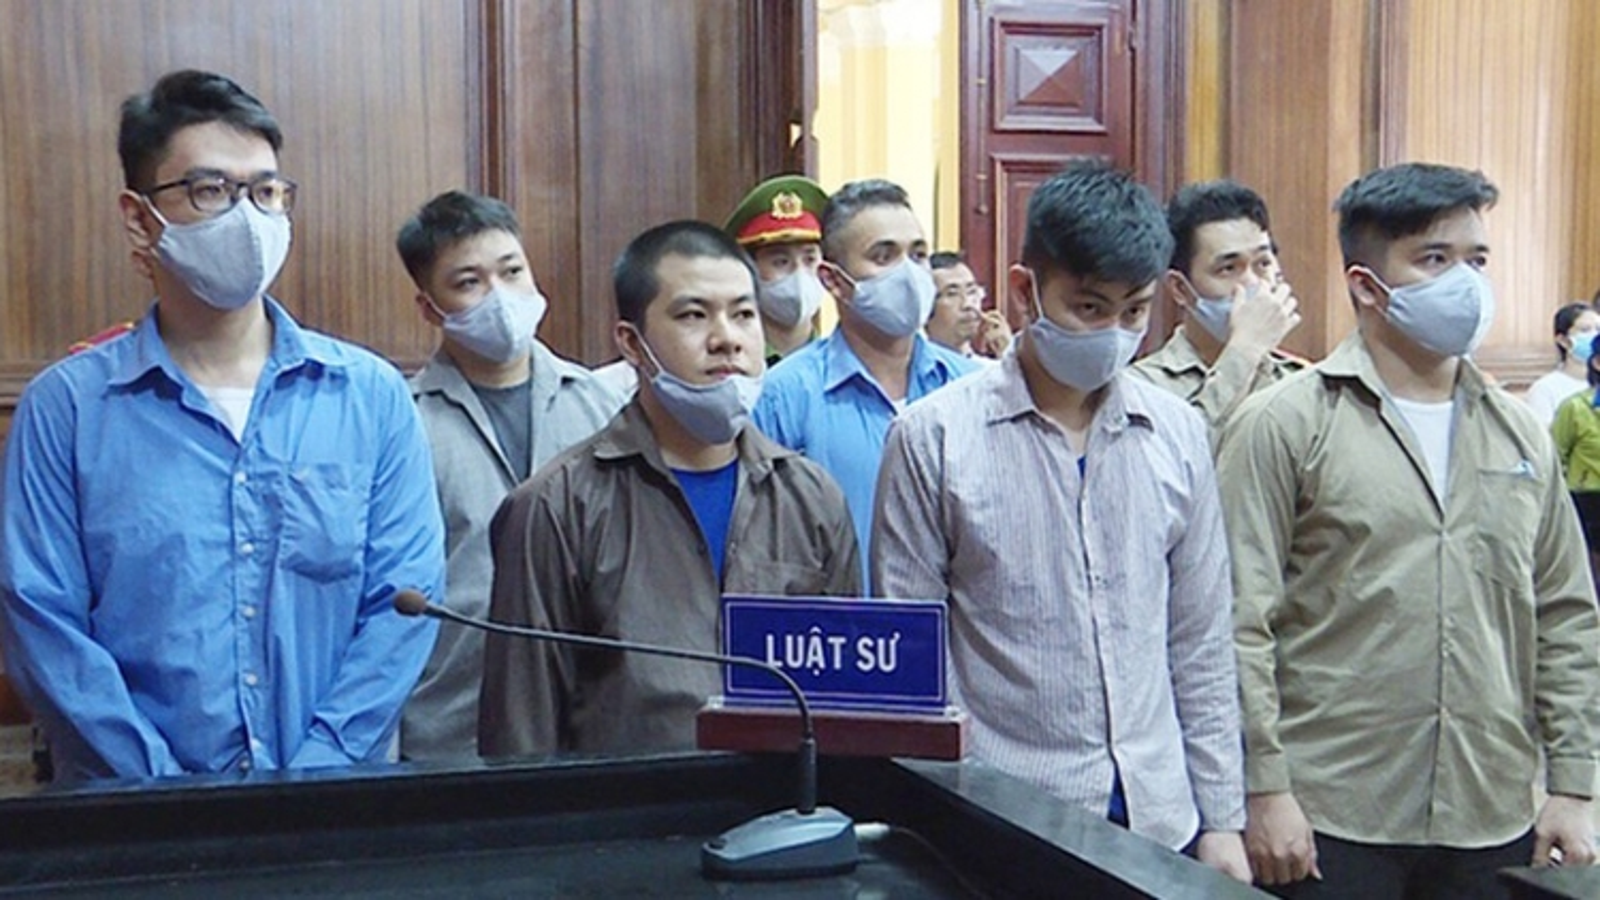 Ba án tử hình cho các đối tượng trong đường dây mua bán 11kg thuốc lắc